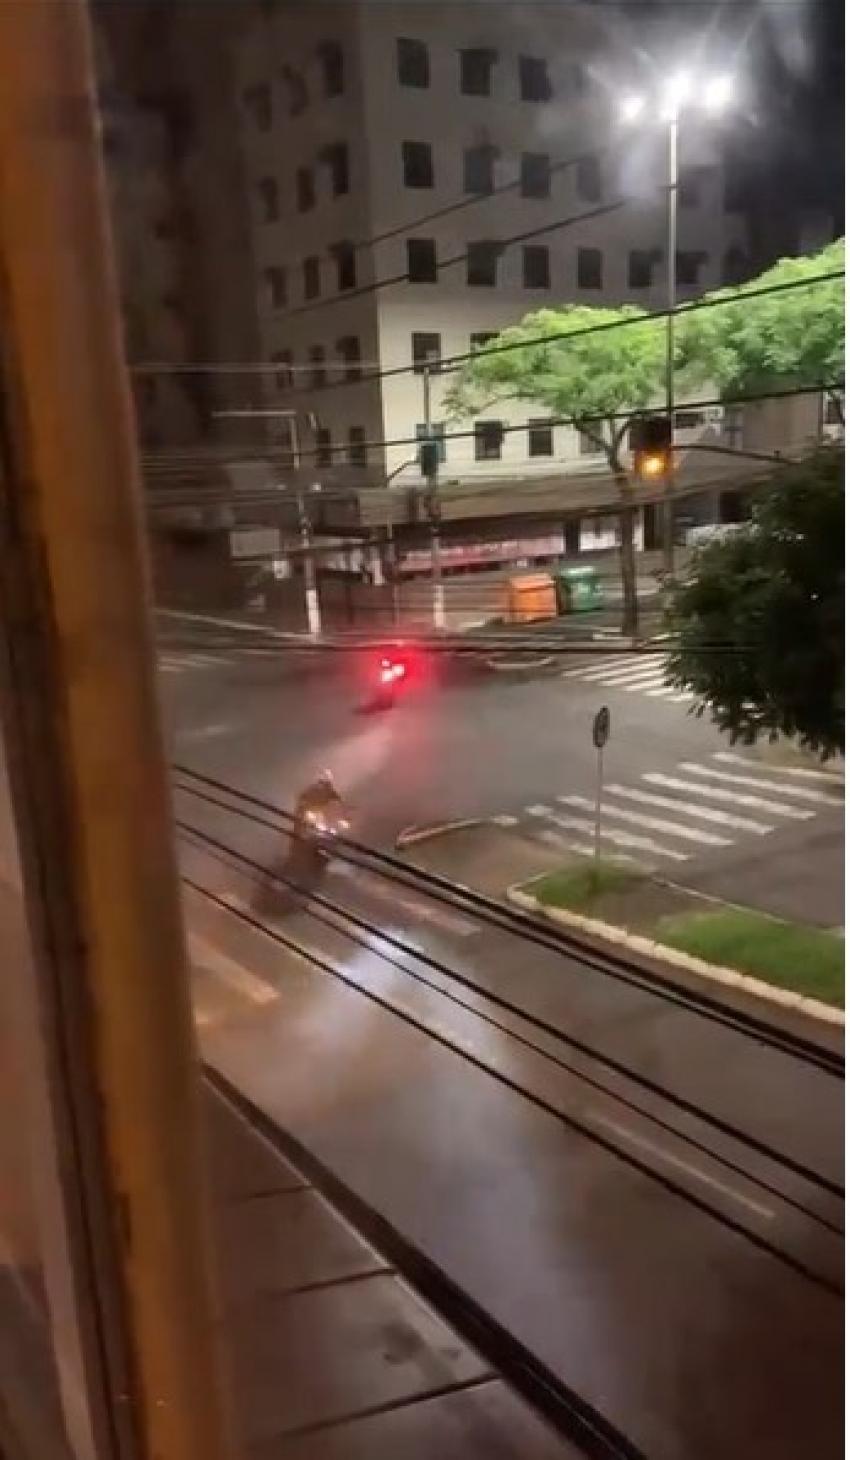 Perseguição e tiros durante a madrugada em Chapecó